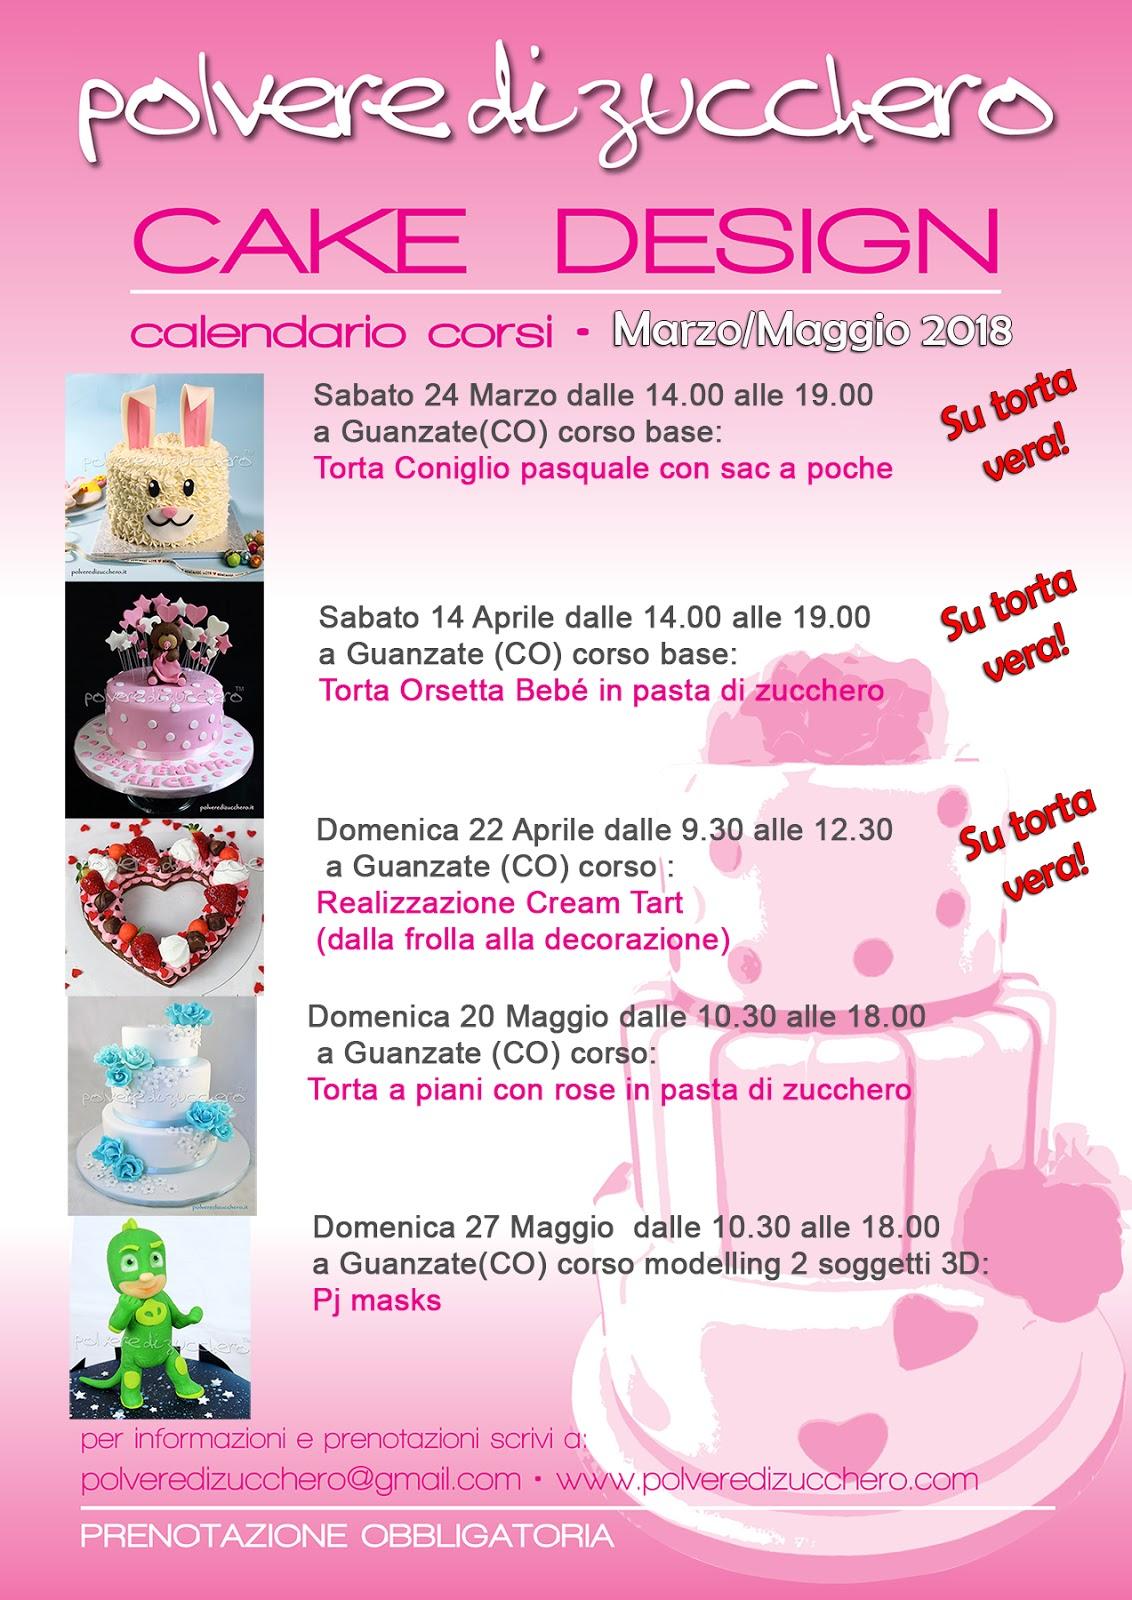 corsi di cake design torta corso base decorazione sac a poche cream tart modelling torta a piani corsi adulti corsi bambini